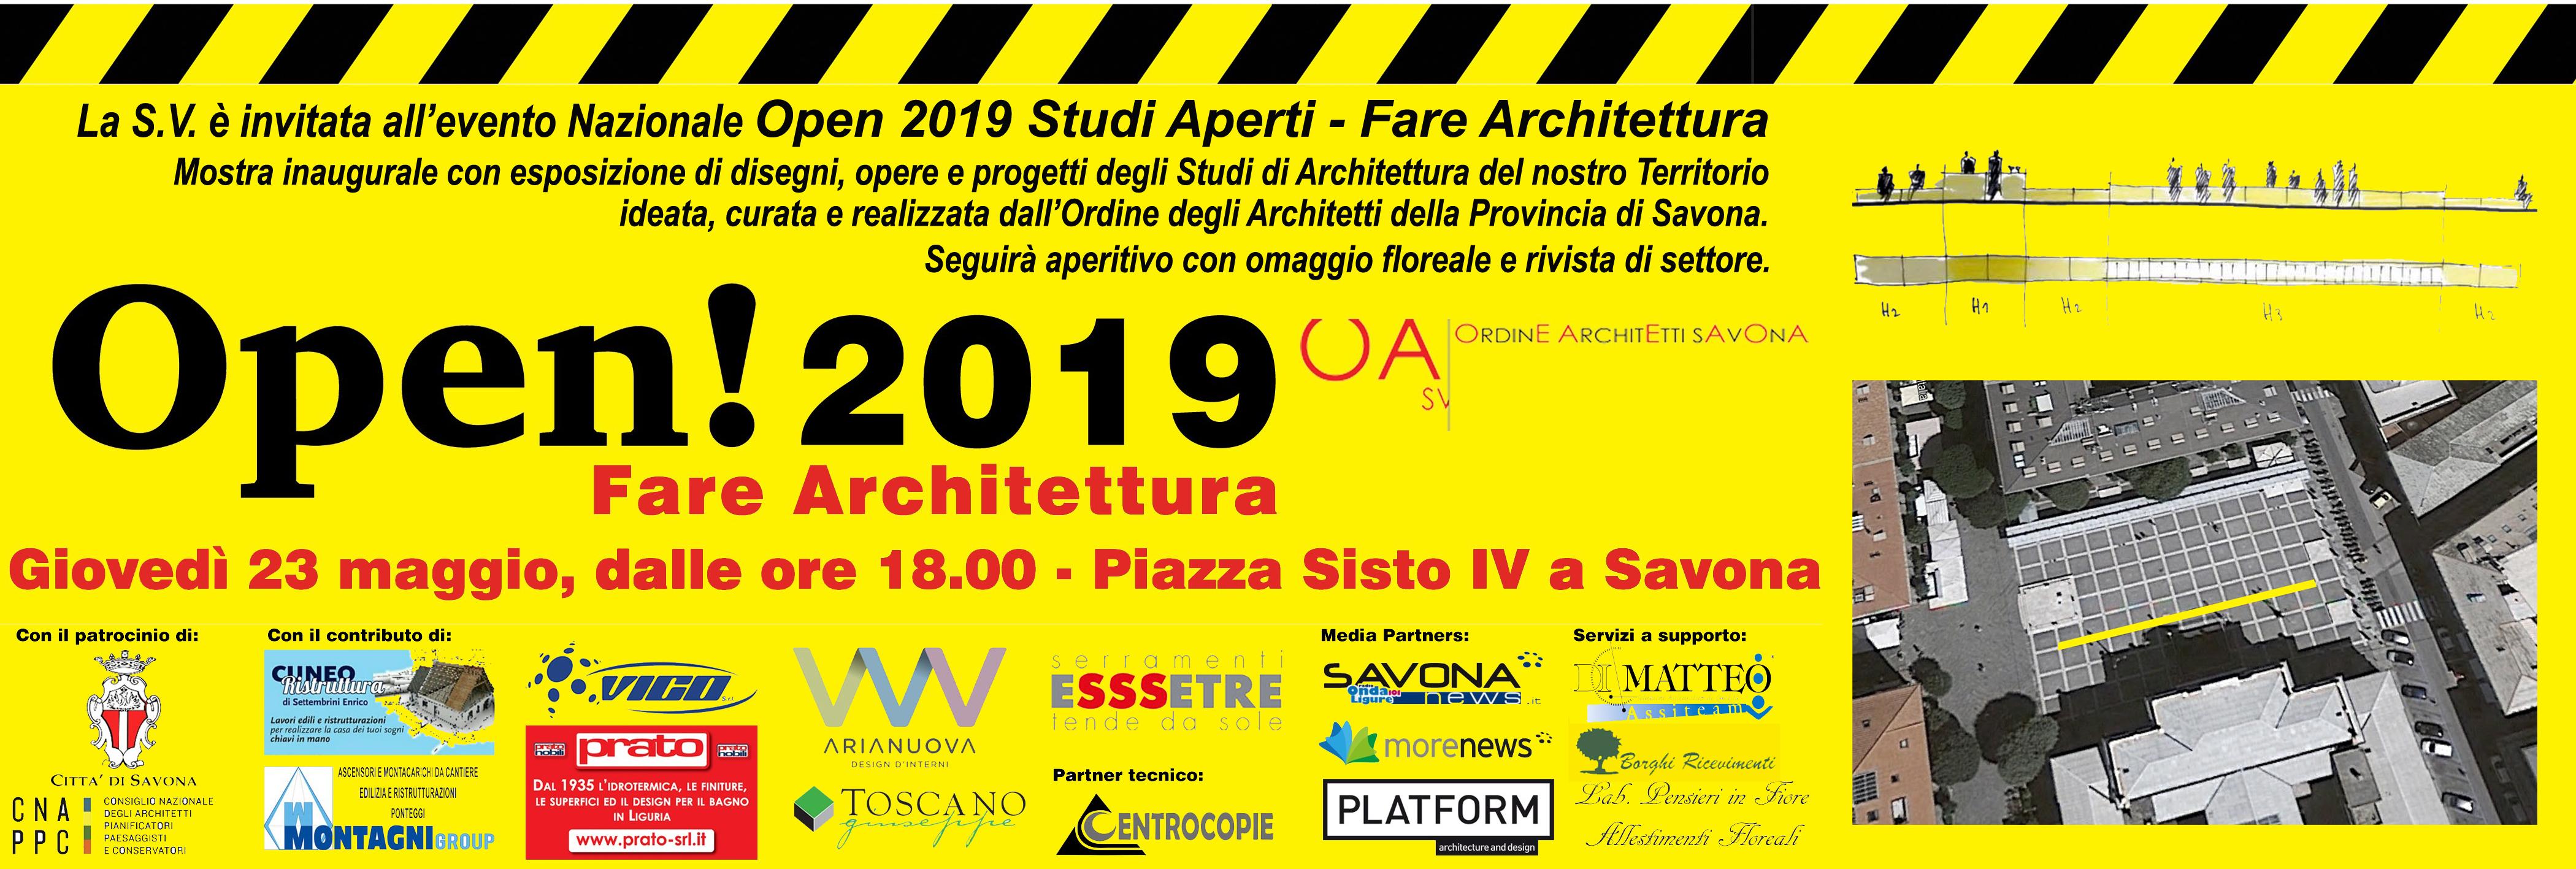 Architetti Savona Elenco inaugurazione di studi aperti 2019   architetti savona